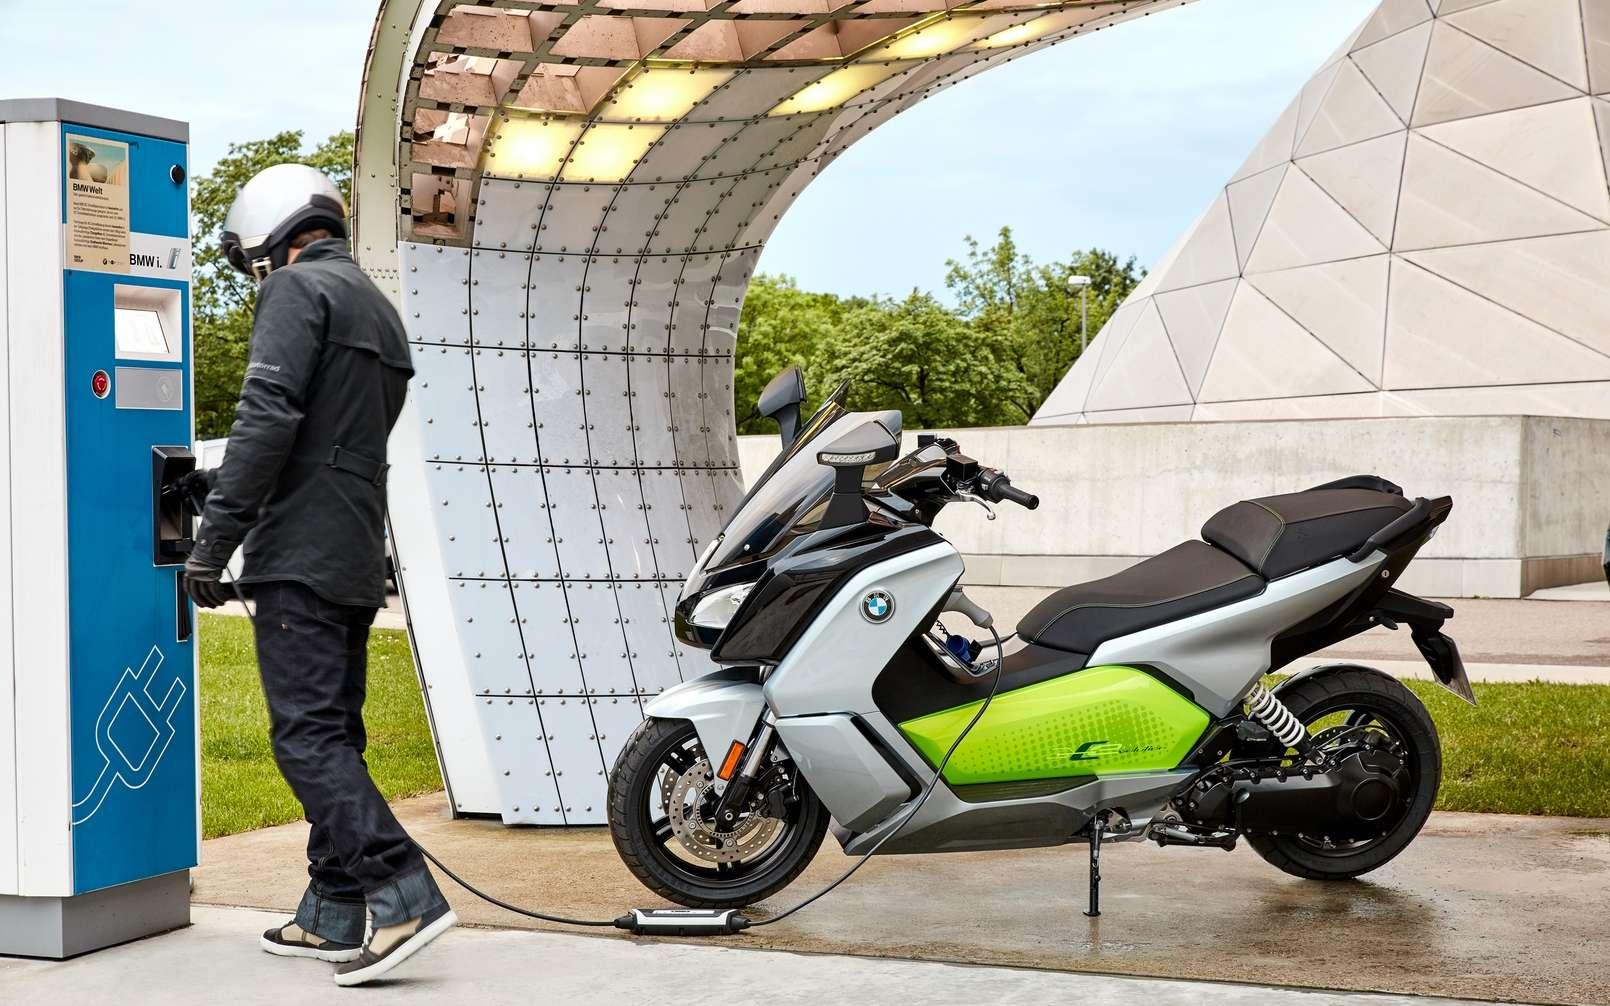 Le scooter électrique BMW C Evolution pourrait servir de base à un nouveau modèle à toit amovible. © BMW